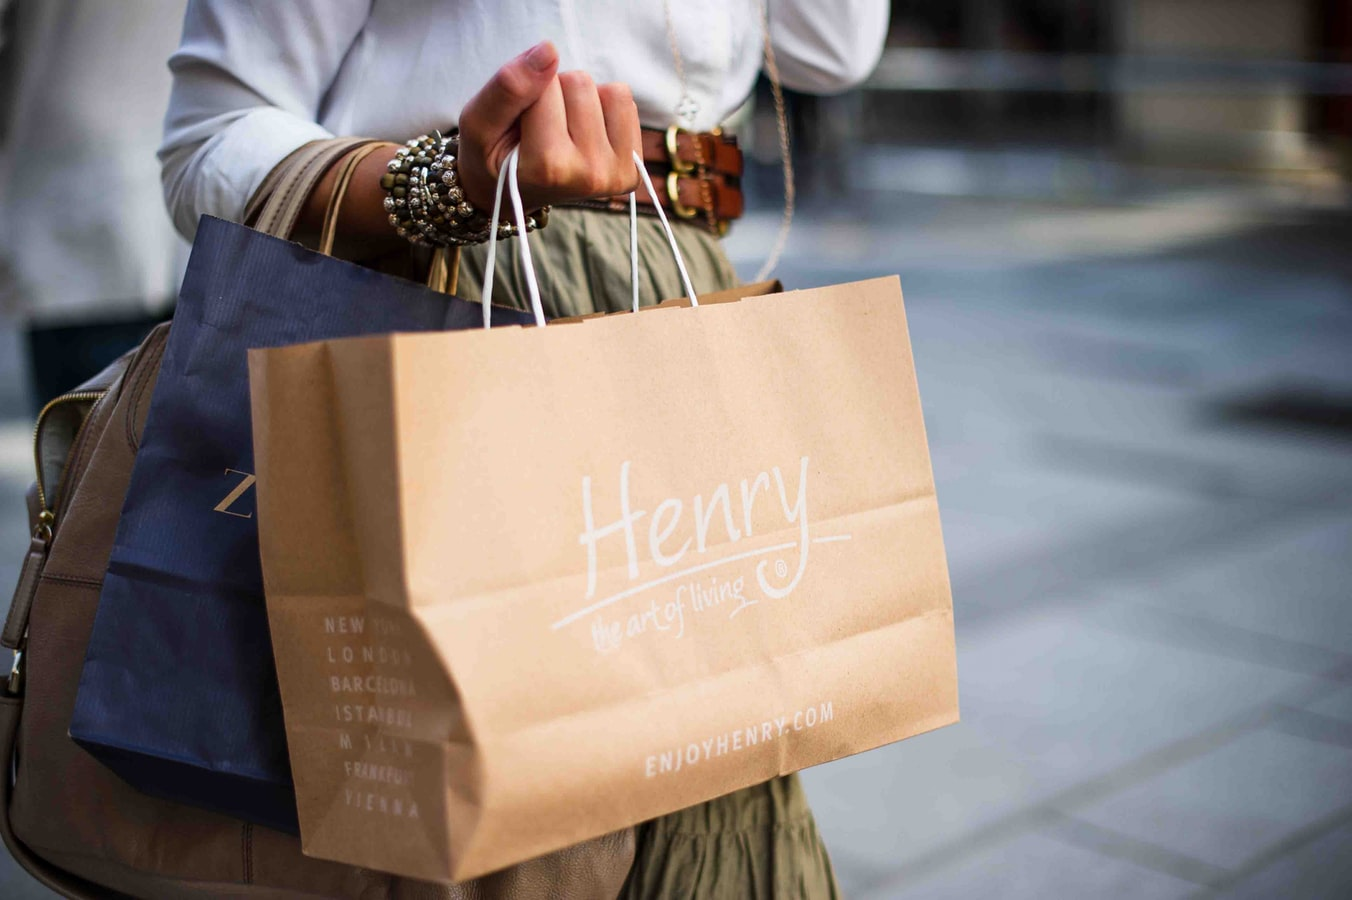 Compras por Impulso – como evitar?